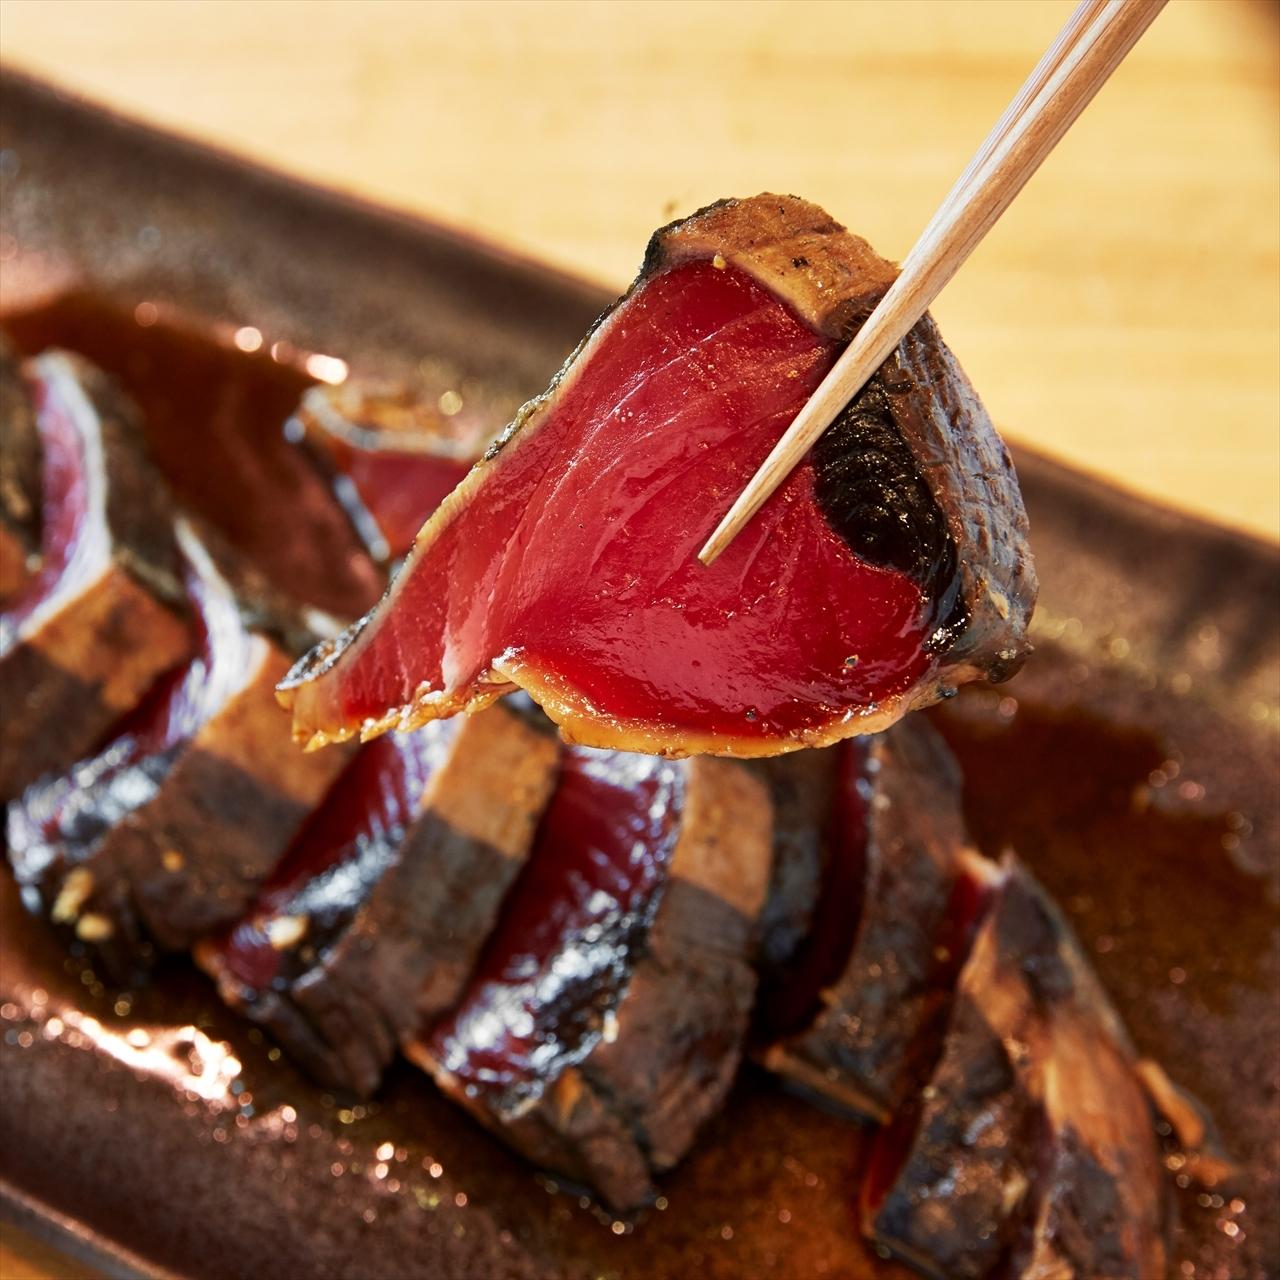 (0290)【カツオの美味しい季節到来!】焼津産 カツオタタキ炭焼き ガーリック醤油